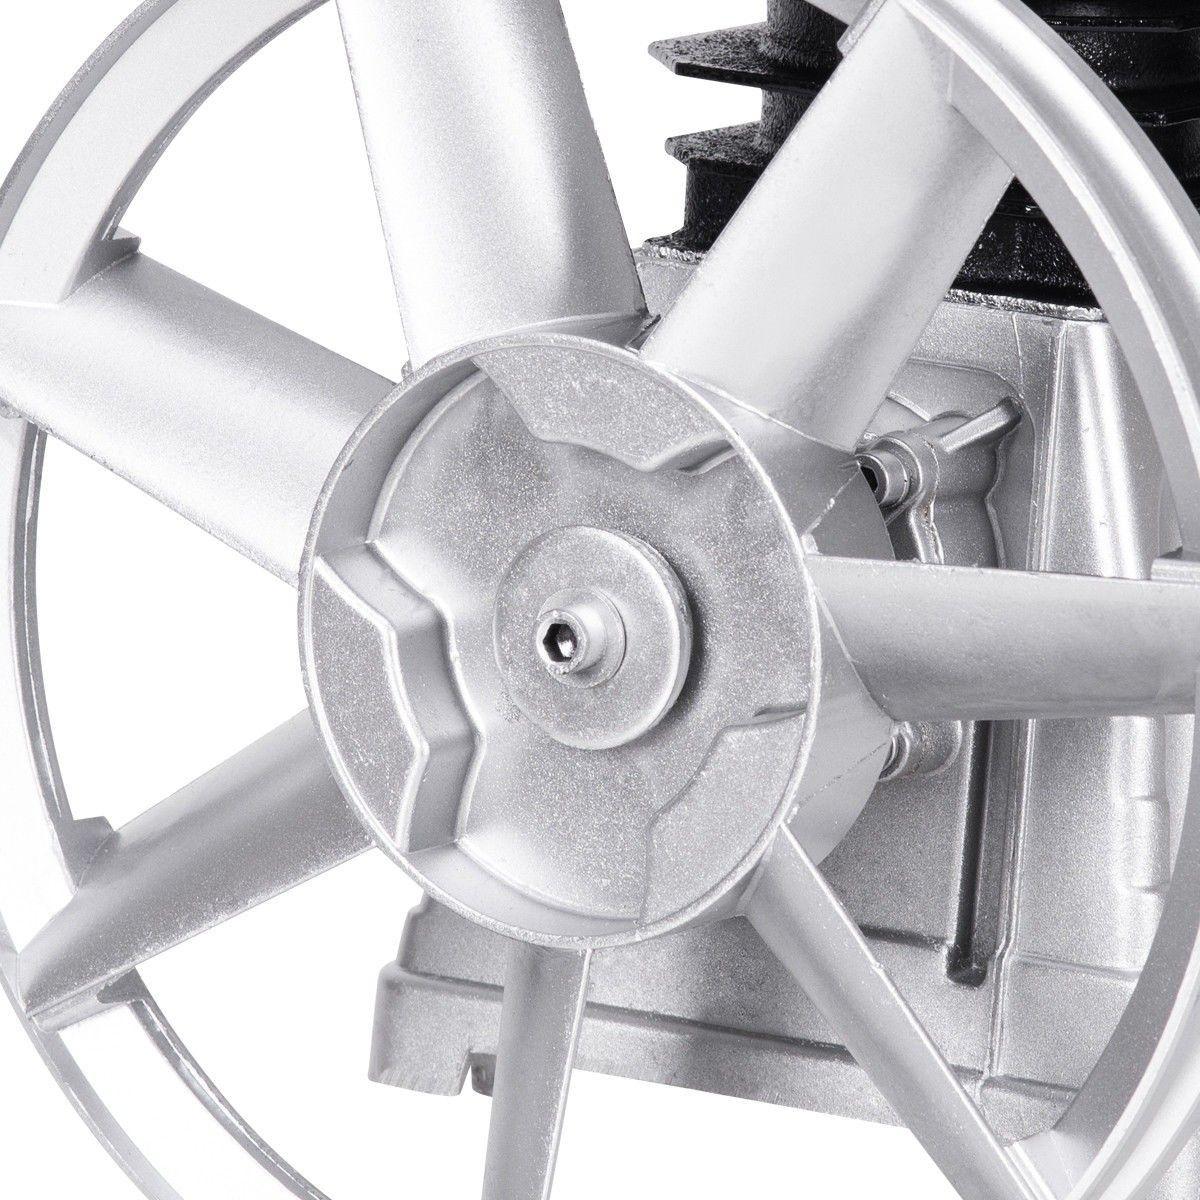 Aluminum 3HP Air Compressor Head Pump Motor Air